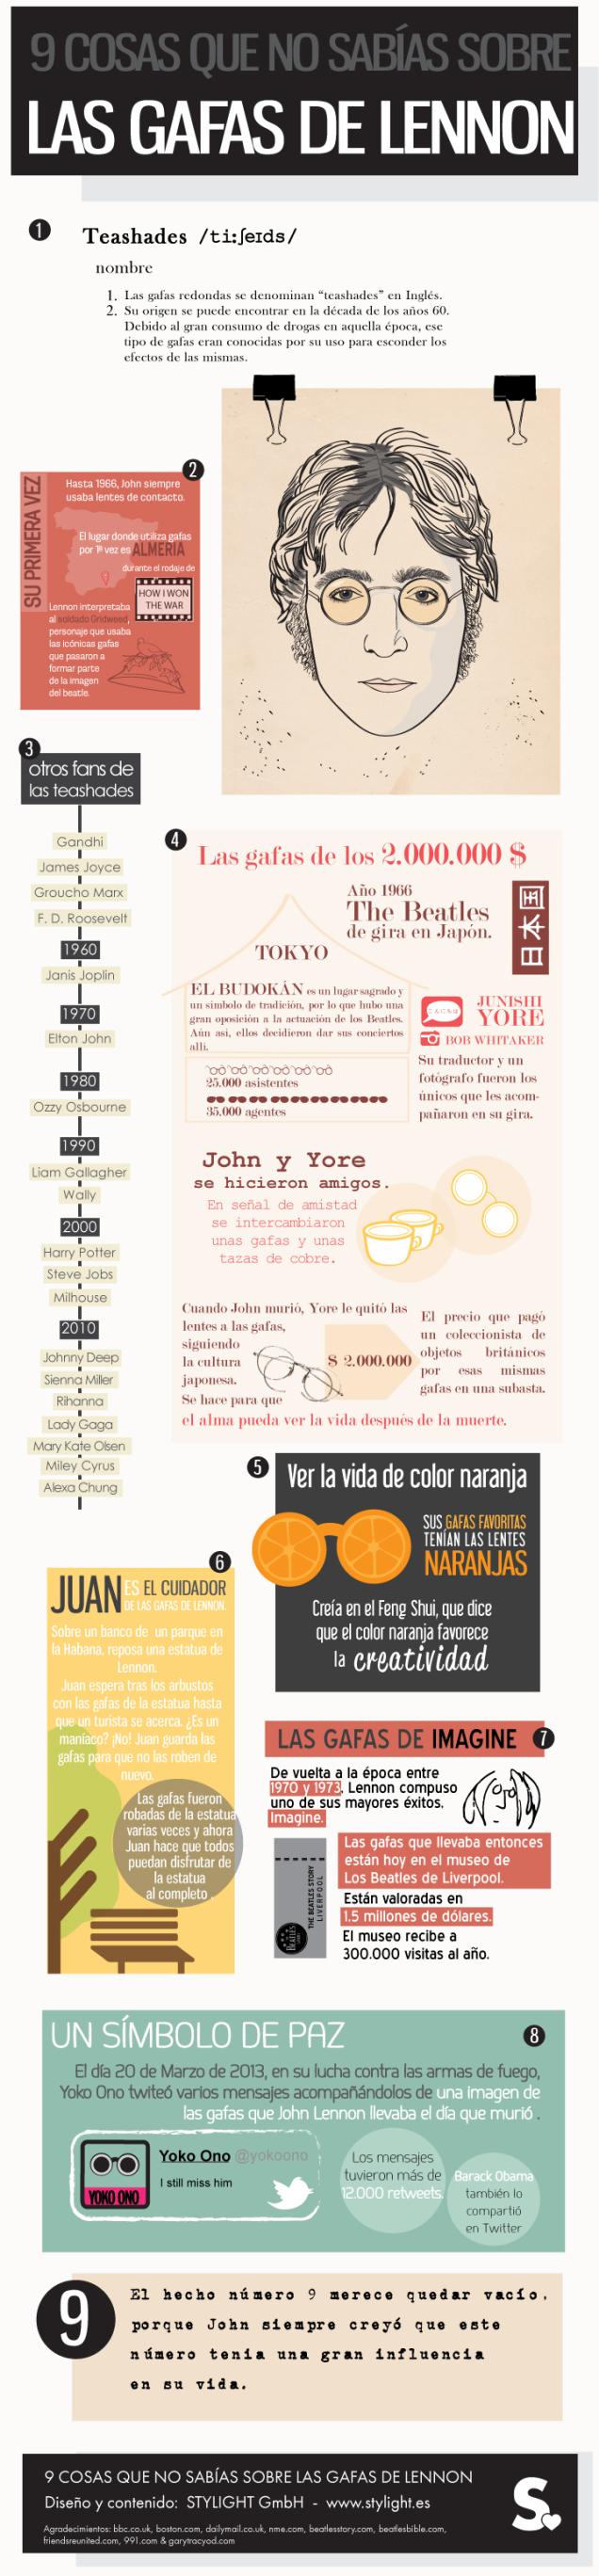 Infografía - 9 cosas que no sabías de las gafas de John Lennon